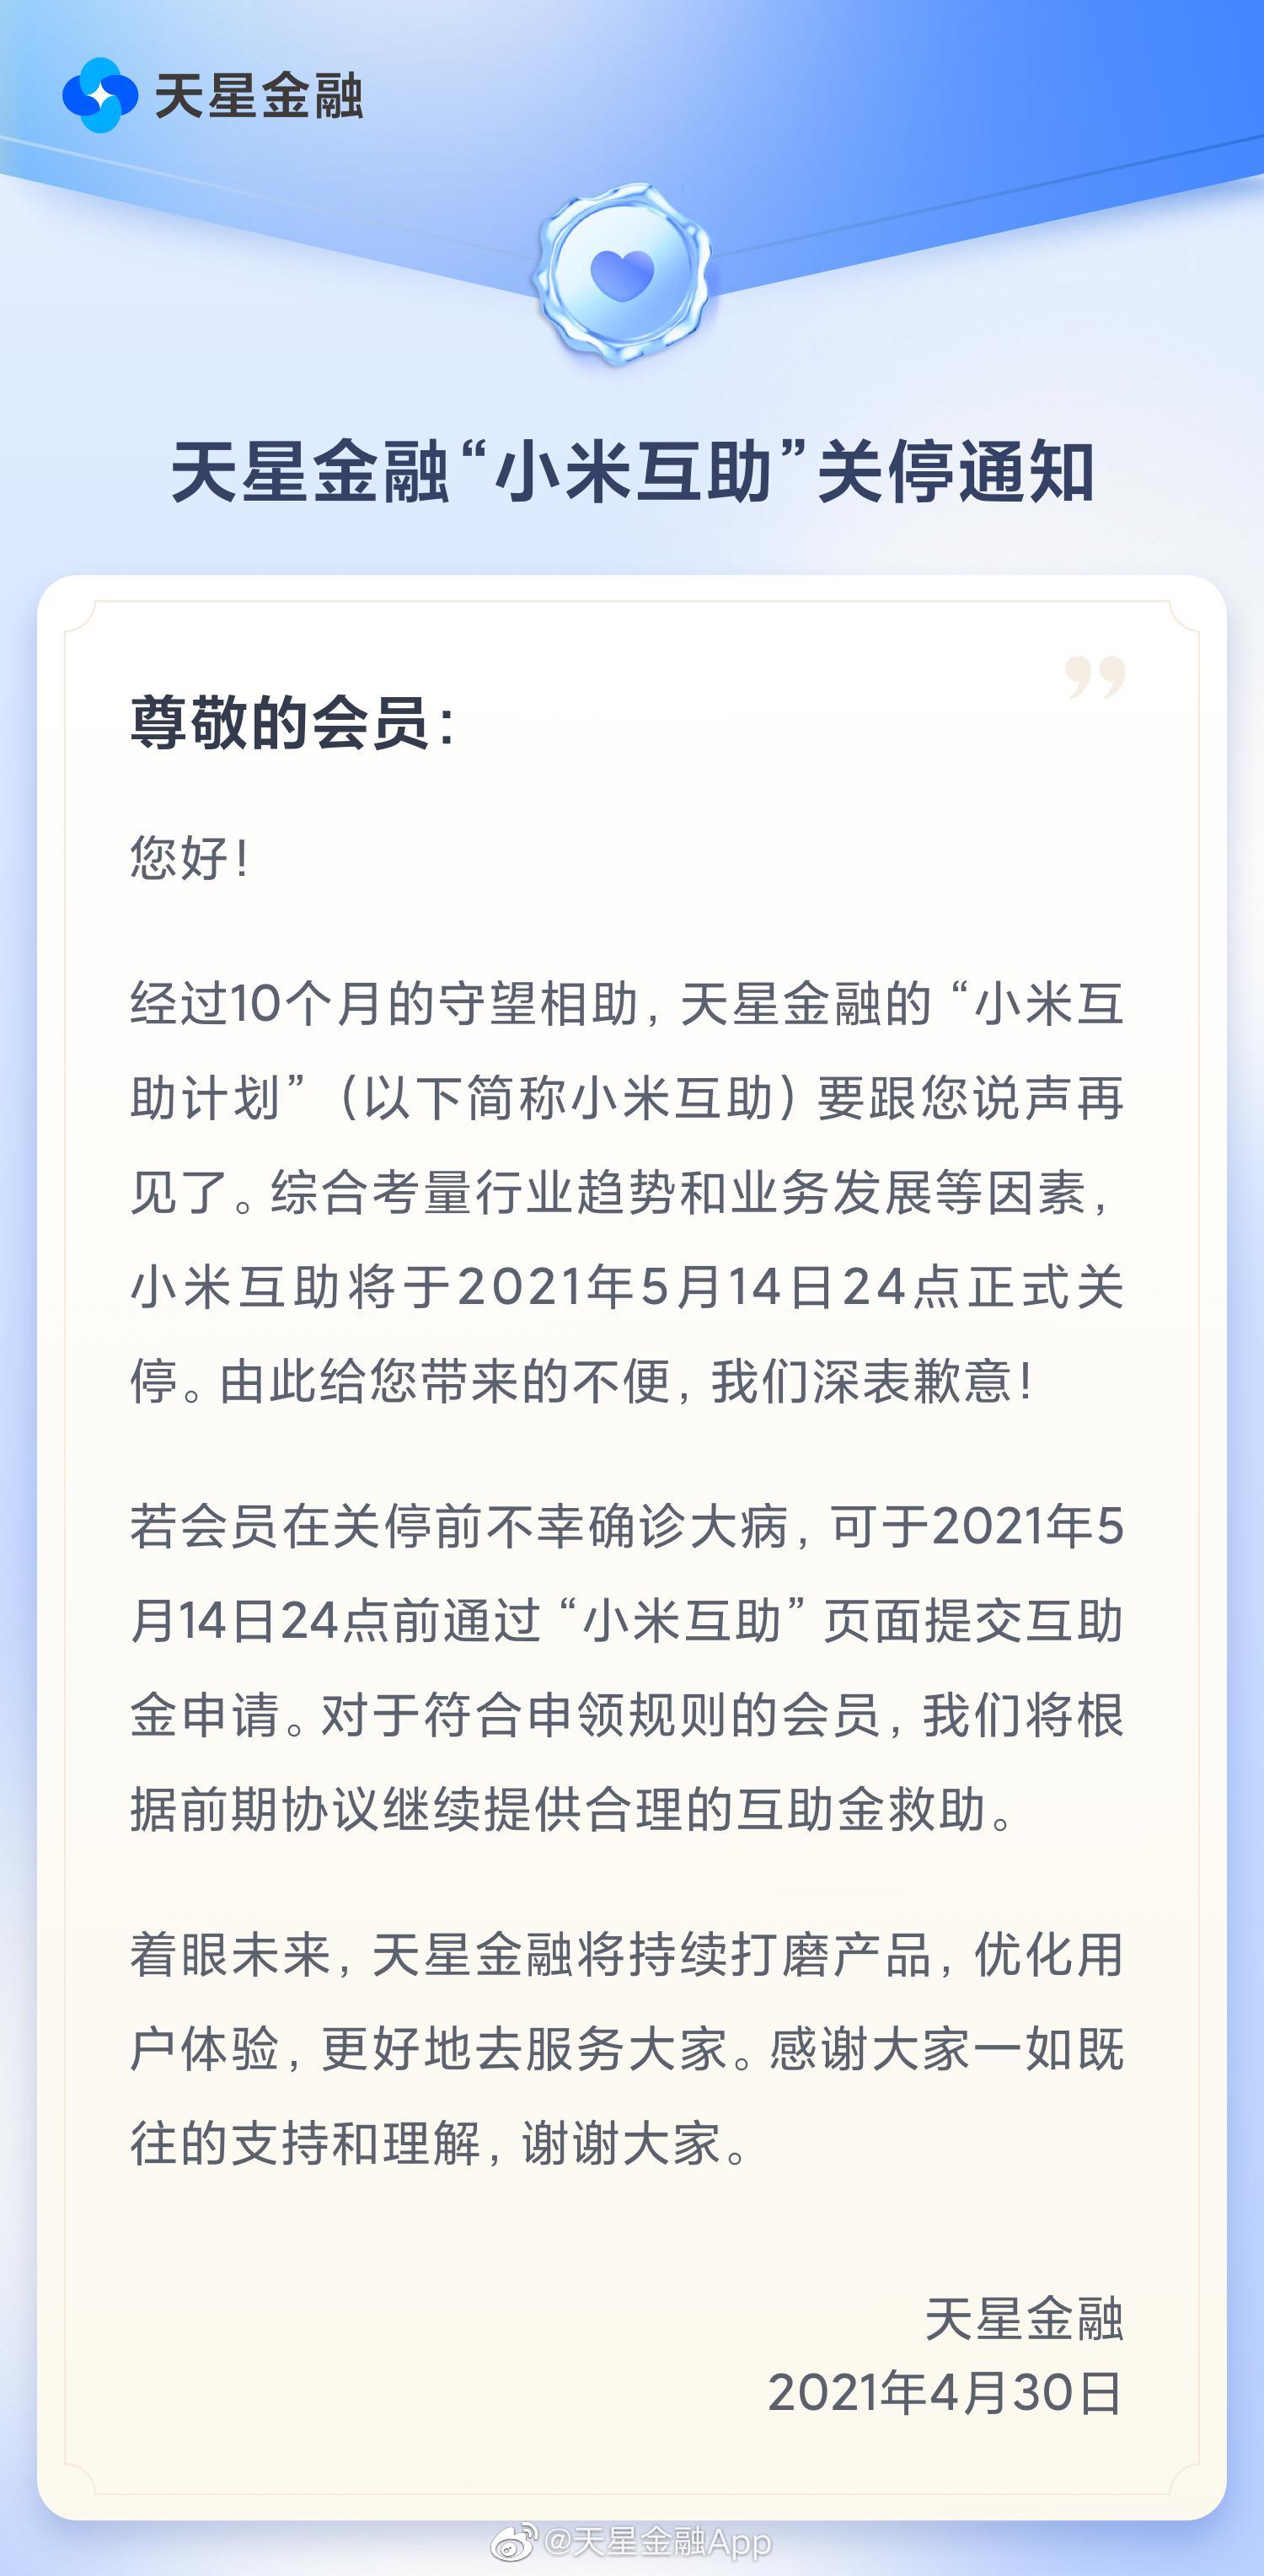 小米互助将于5月14日正式关停